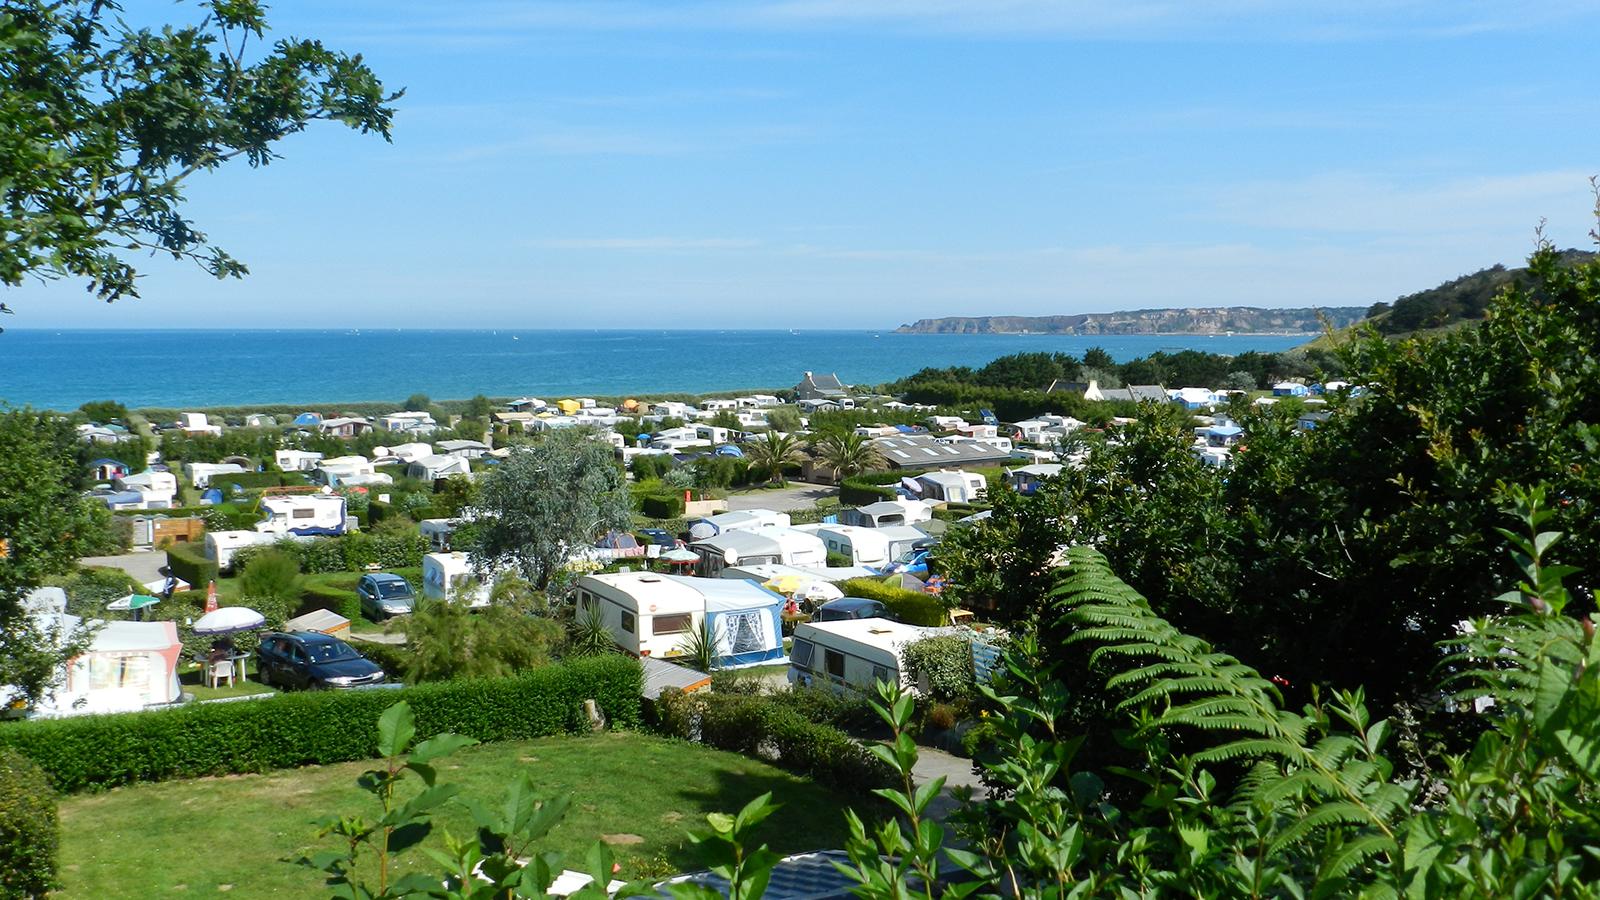 Camping en bord de mer d couvrez le camping de la plage for Camping en espagne bord de mer avec piscine